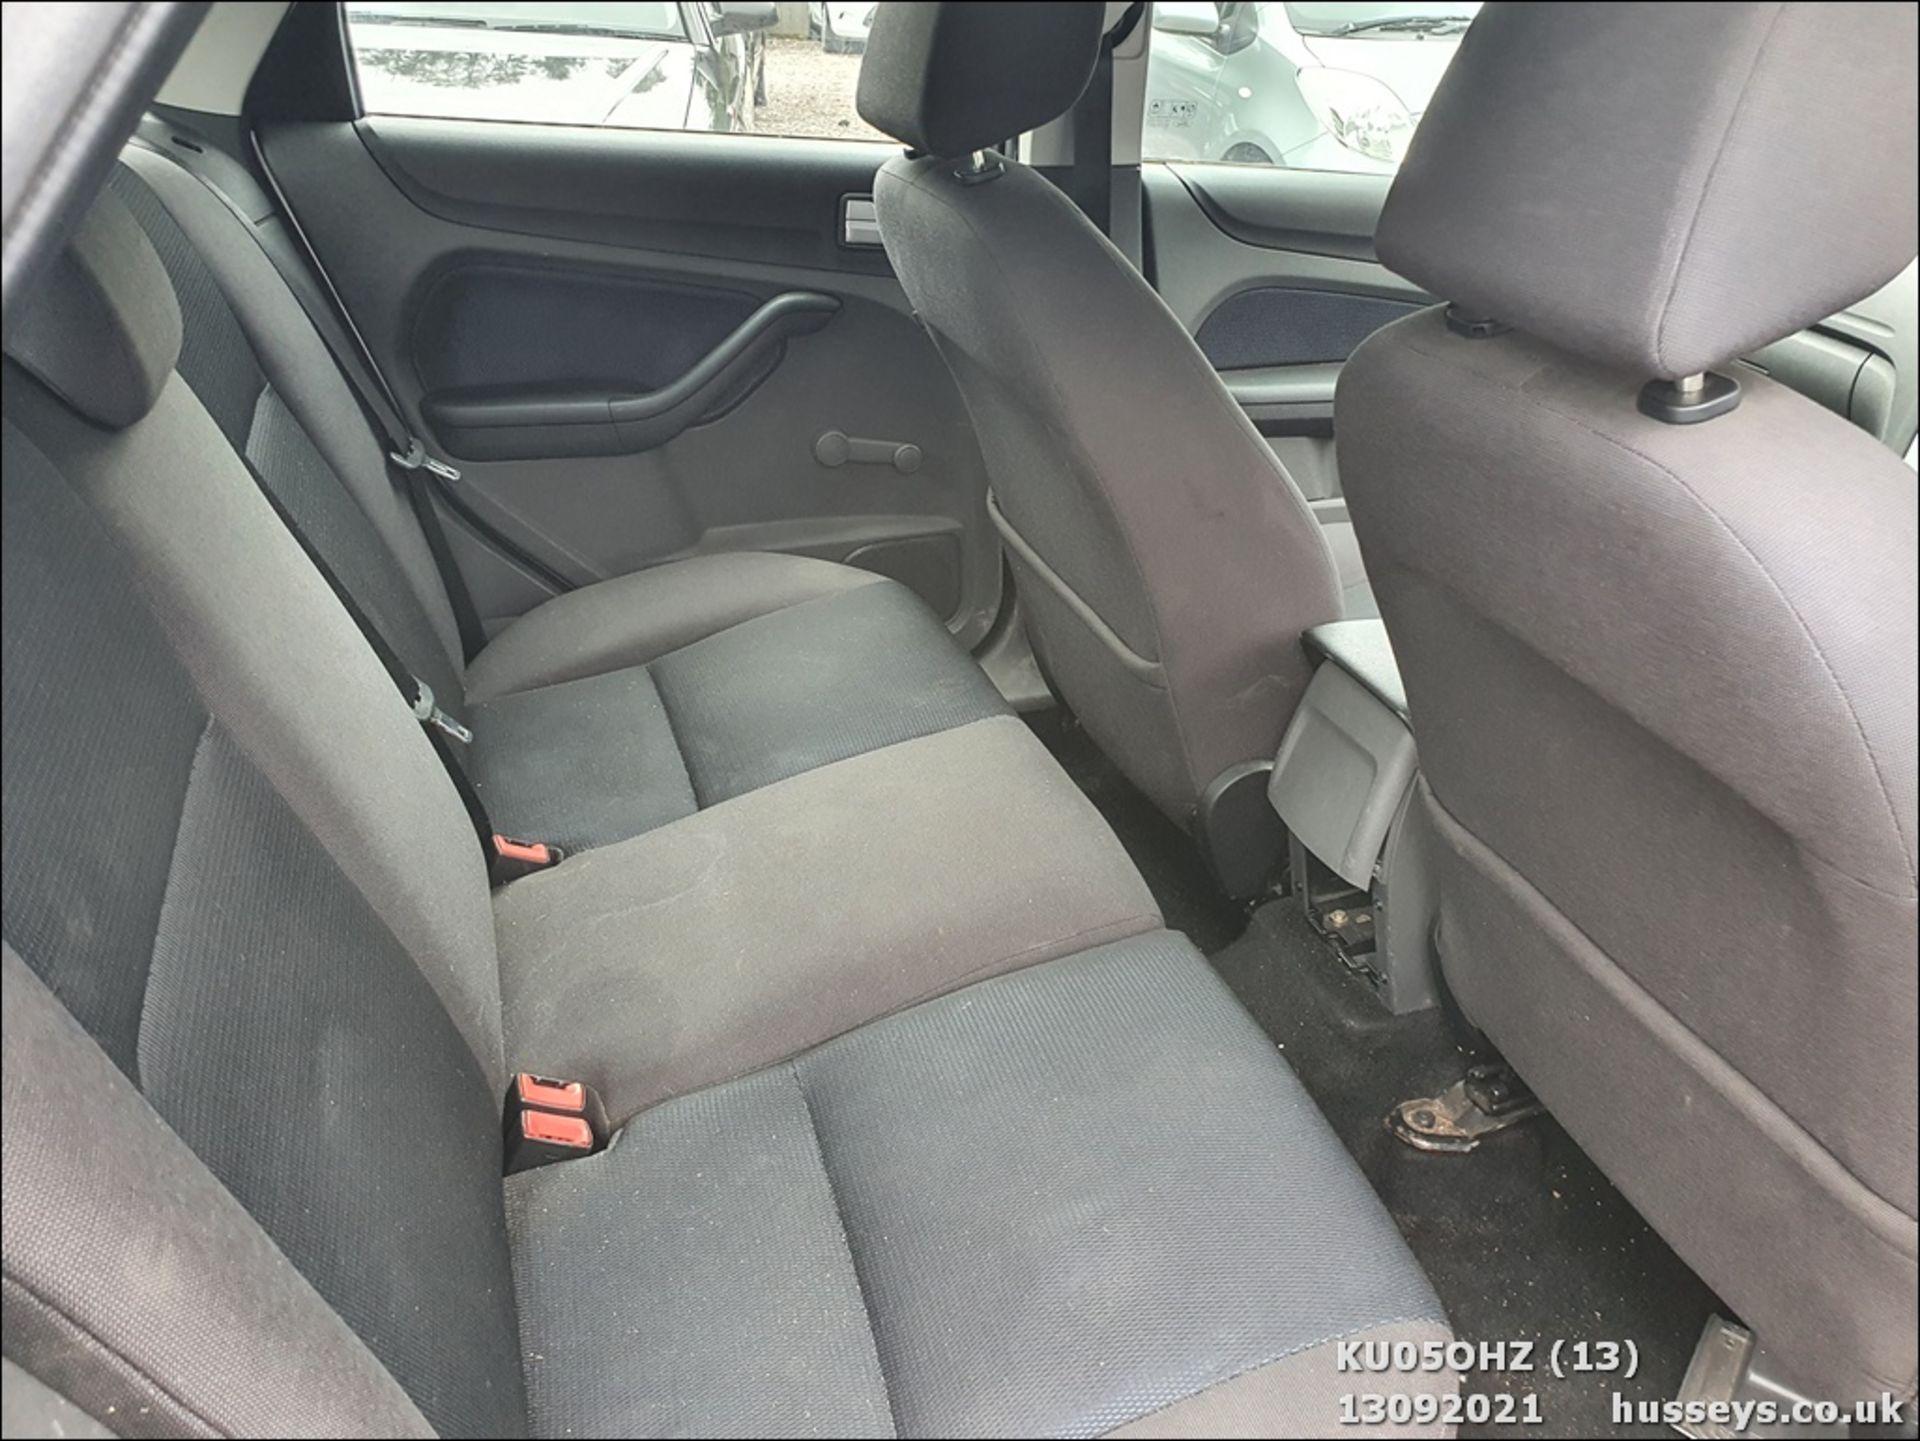 05/05 FORD FOCUS ZETEC CLIMATE TDCI - 1560cc 5dr Hatchback (Silver, 147k) - Image 13 of 18